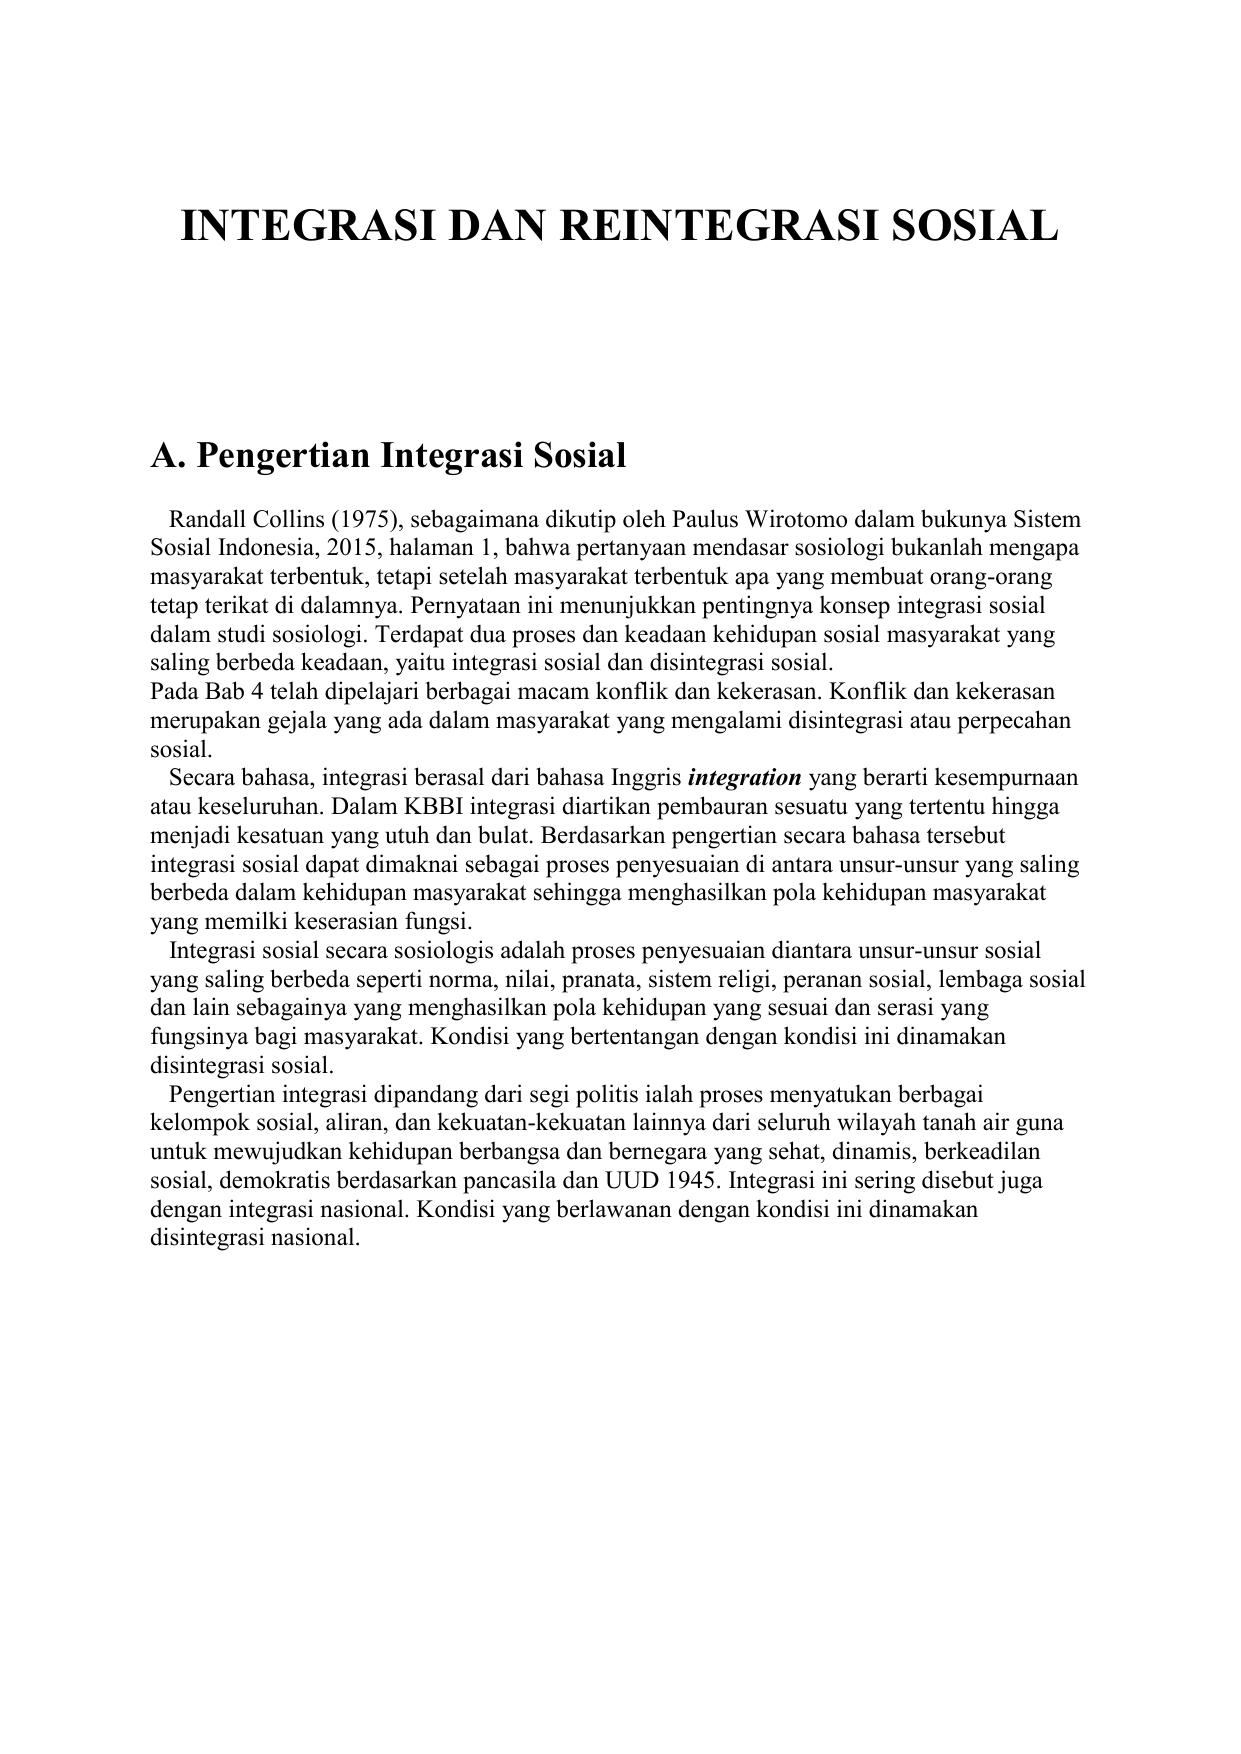 Tuliskan Bentuk-bentuk Integrasi Sosial : tuliskan, bentuk-bentuk, integrasi, sosial, INTEGRASI, REINTEGRASI, SOSIAL